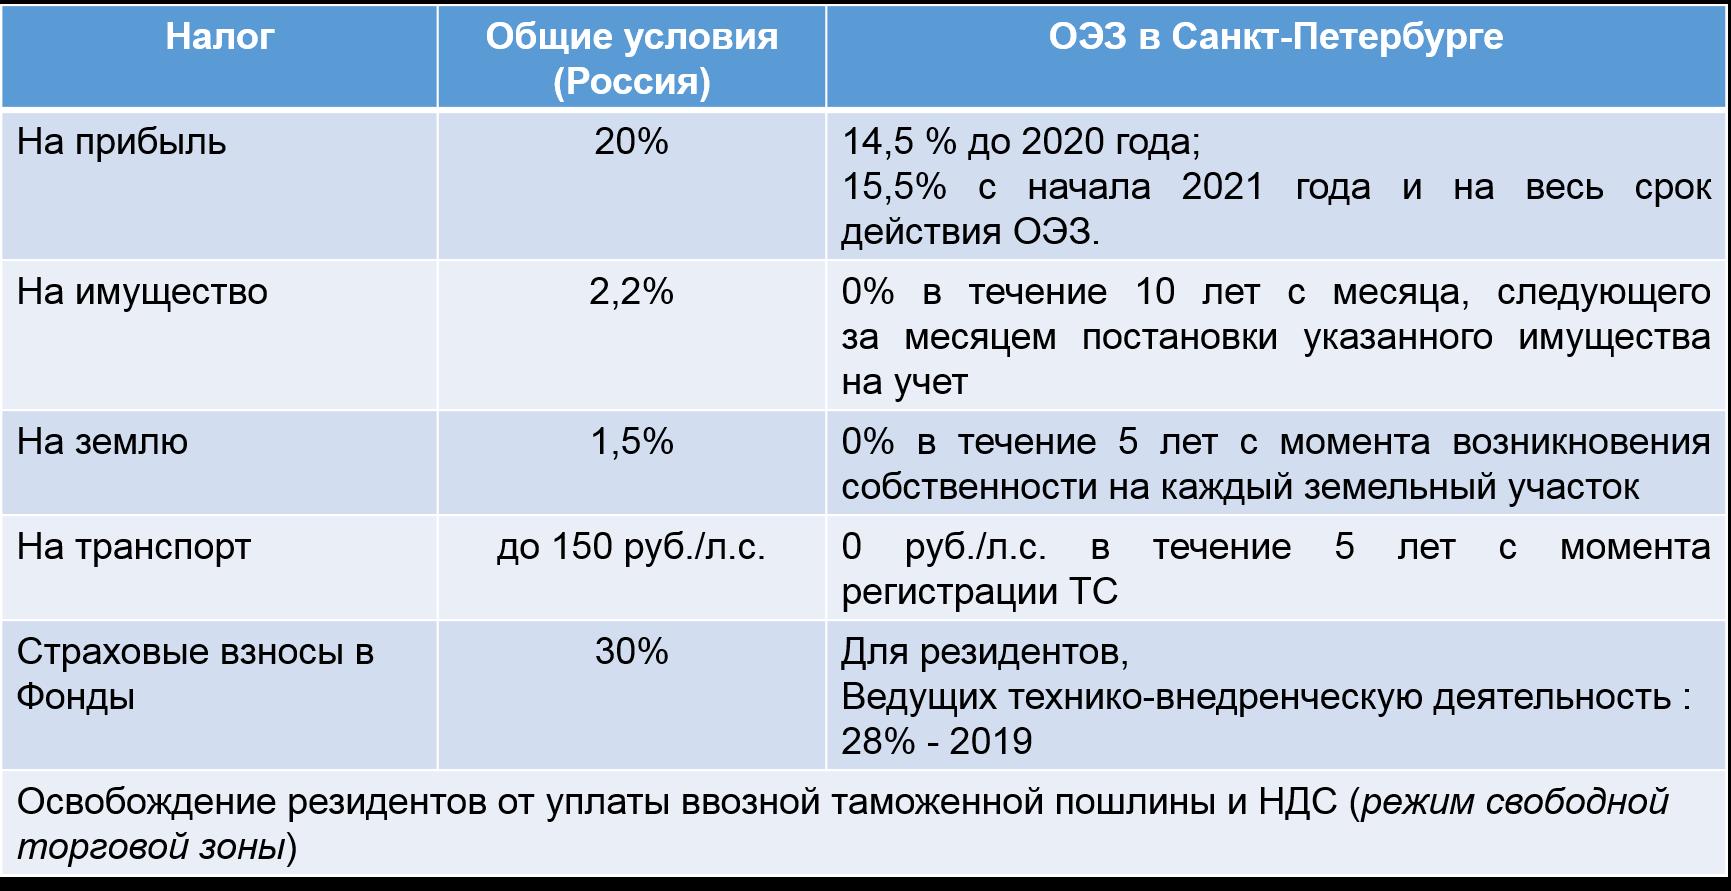 Льготы по уплате таможенных платежей и порядок их предоставления